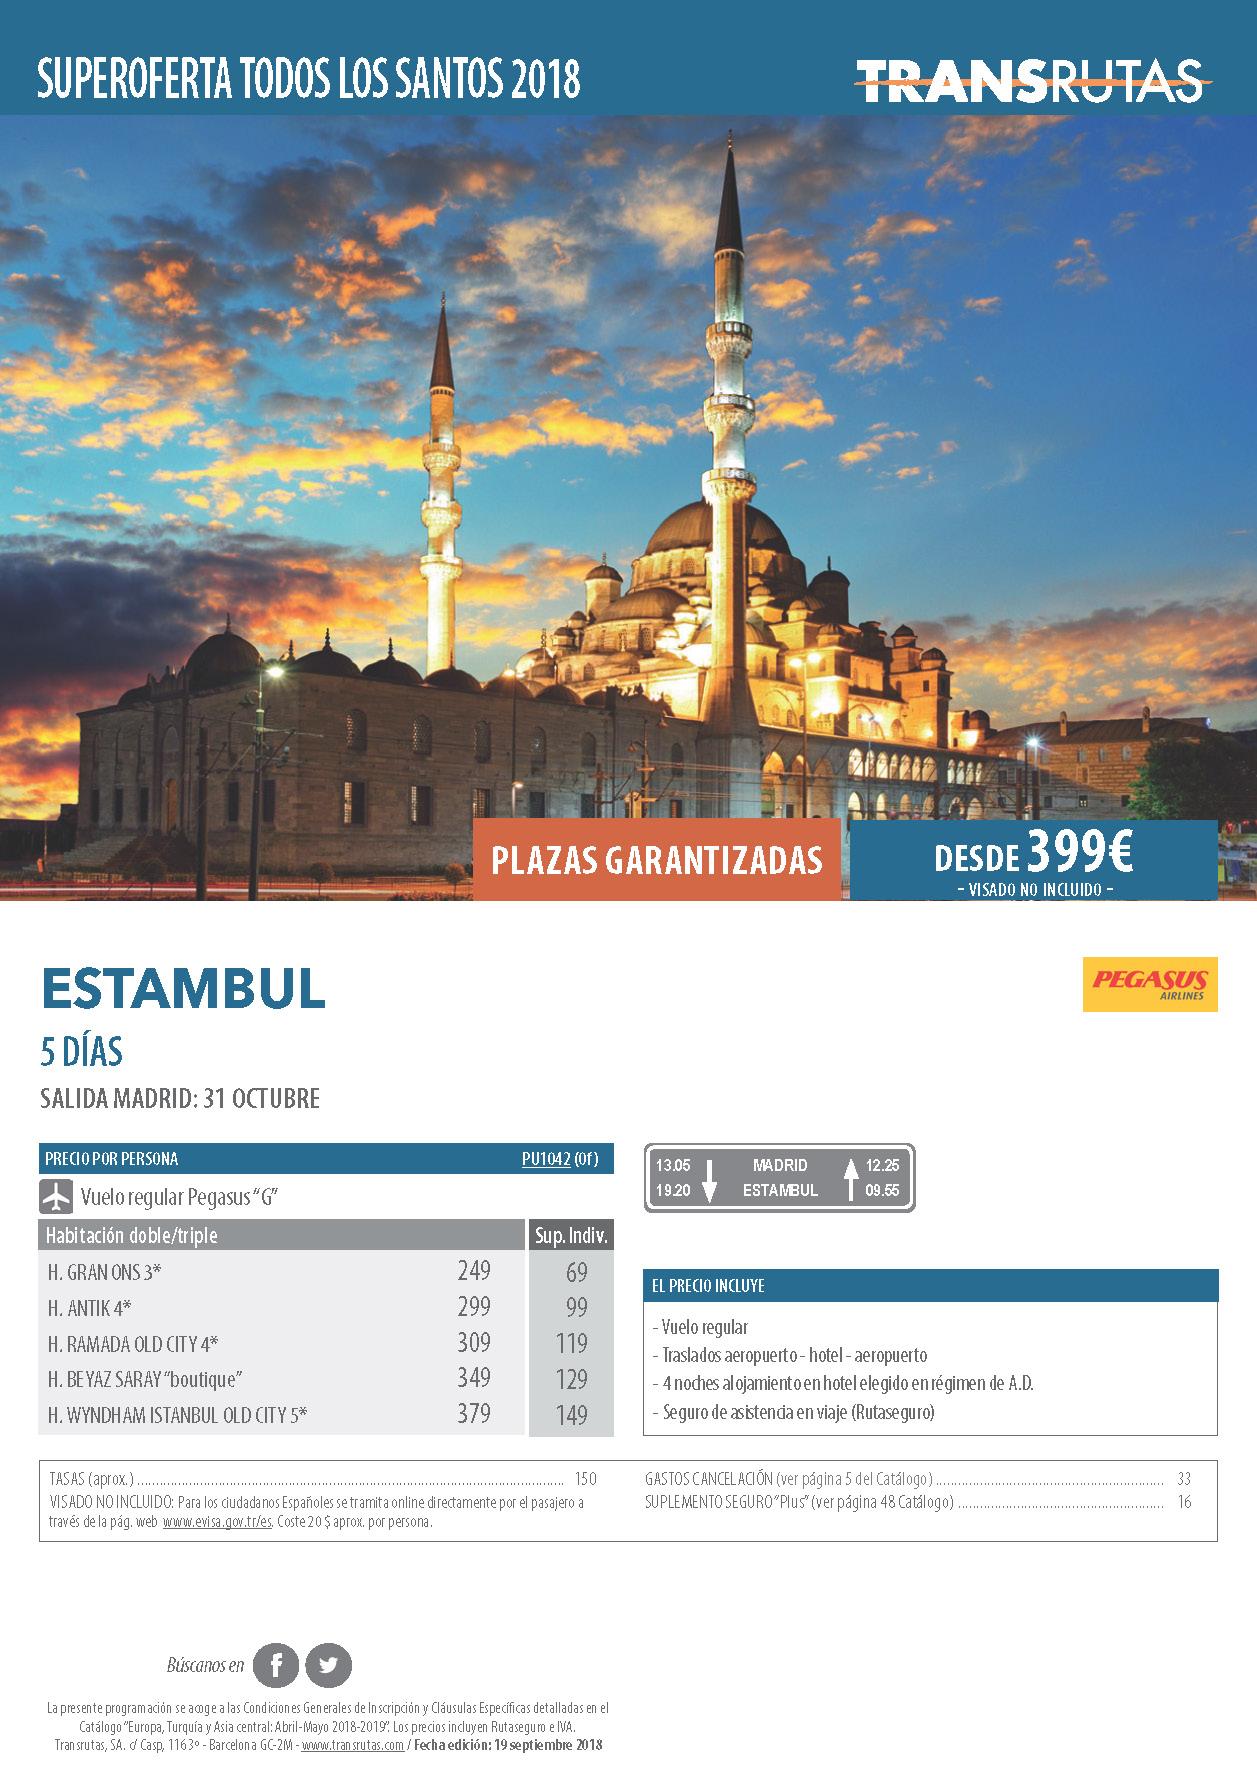 Oferta Transrutas Puente de Todos los Santos 2018 en Estambul vuelo directo desde Madrid